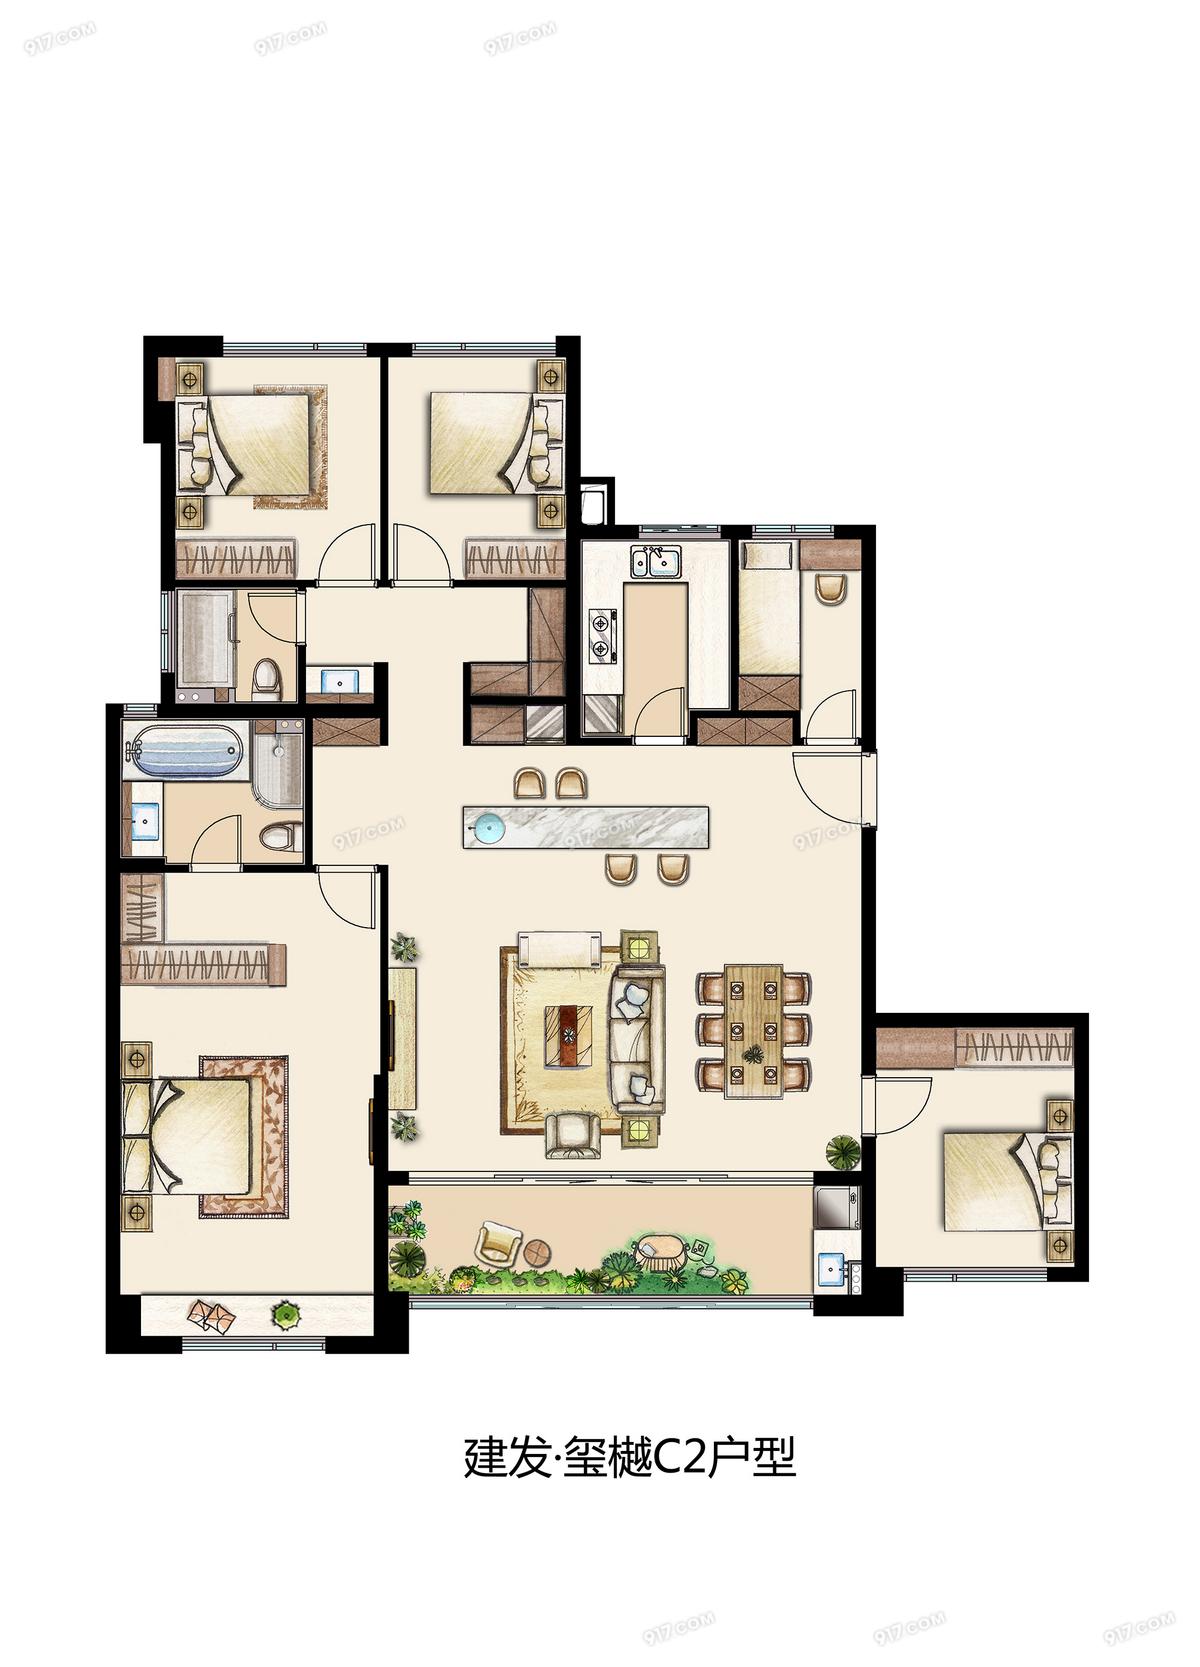 C2 186平 五室两厅两卫